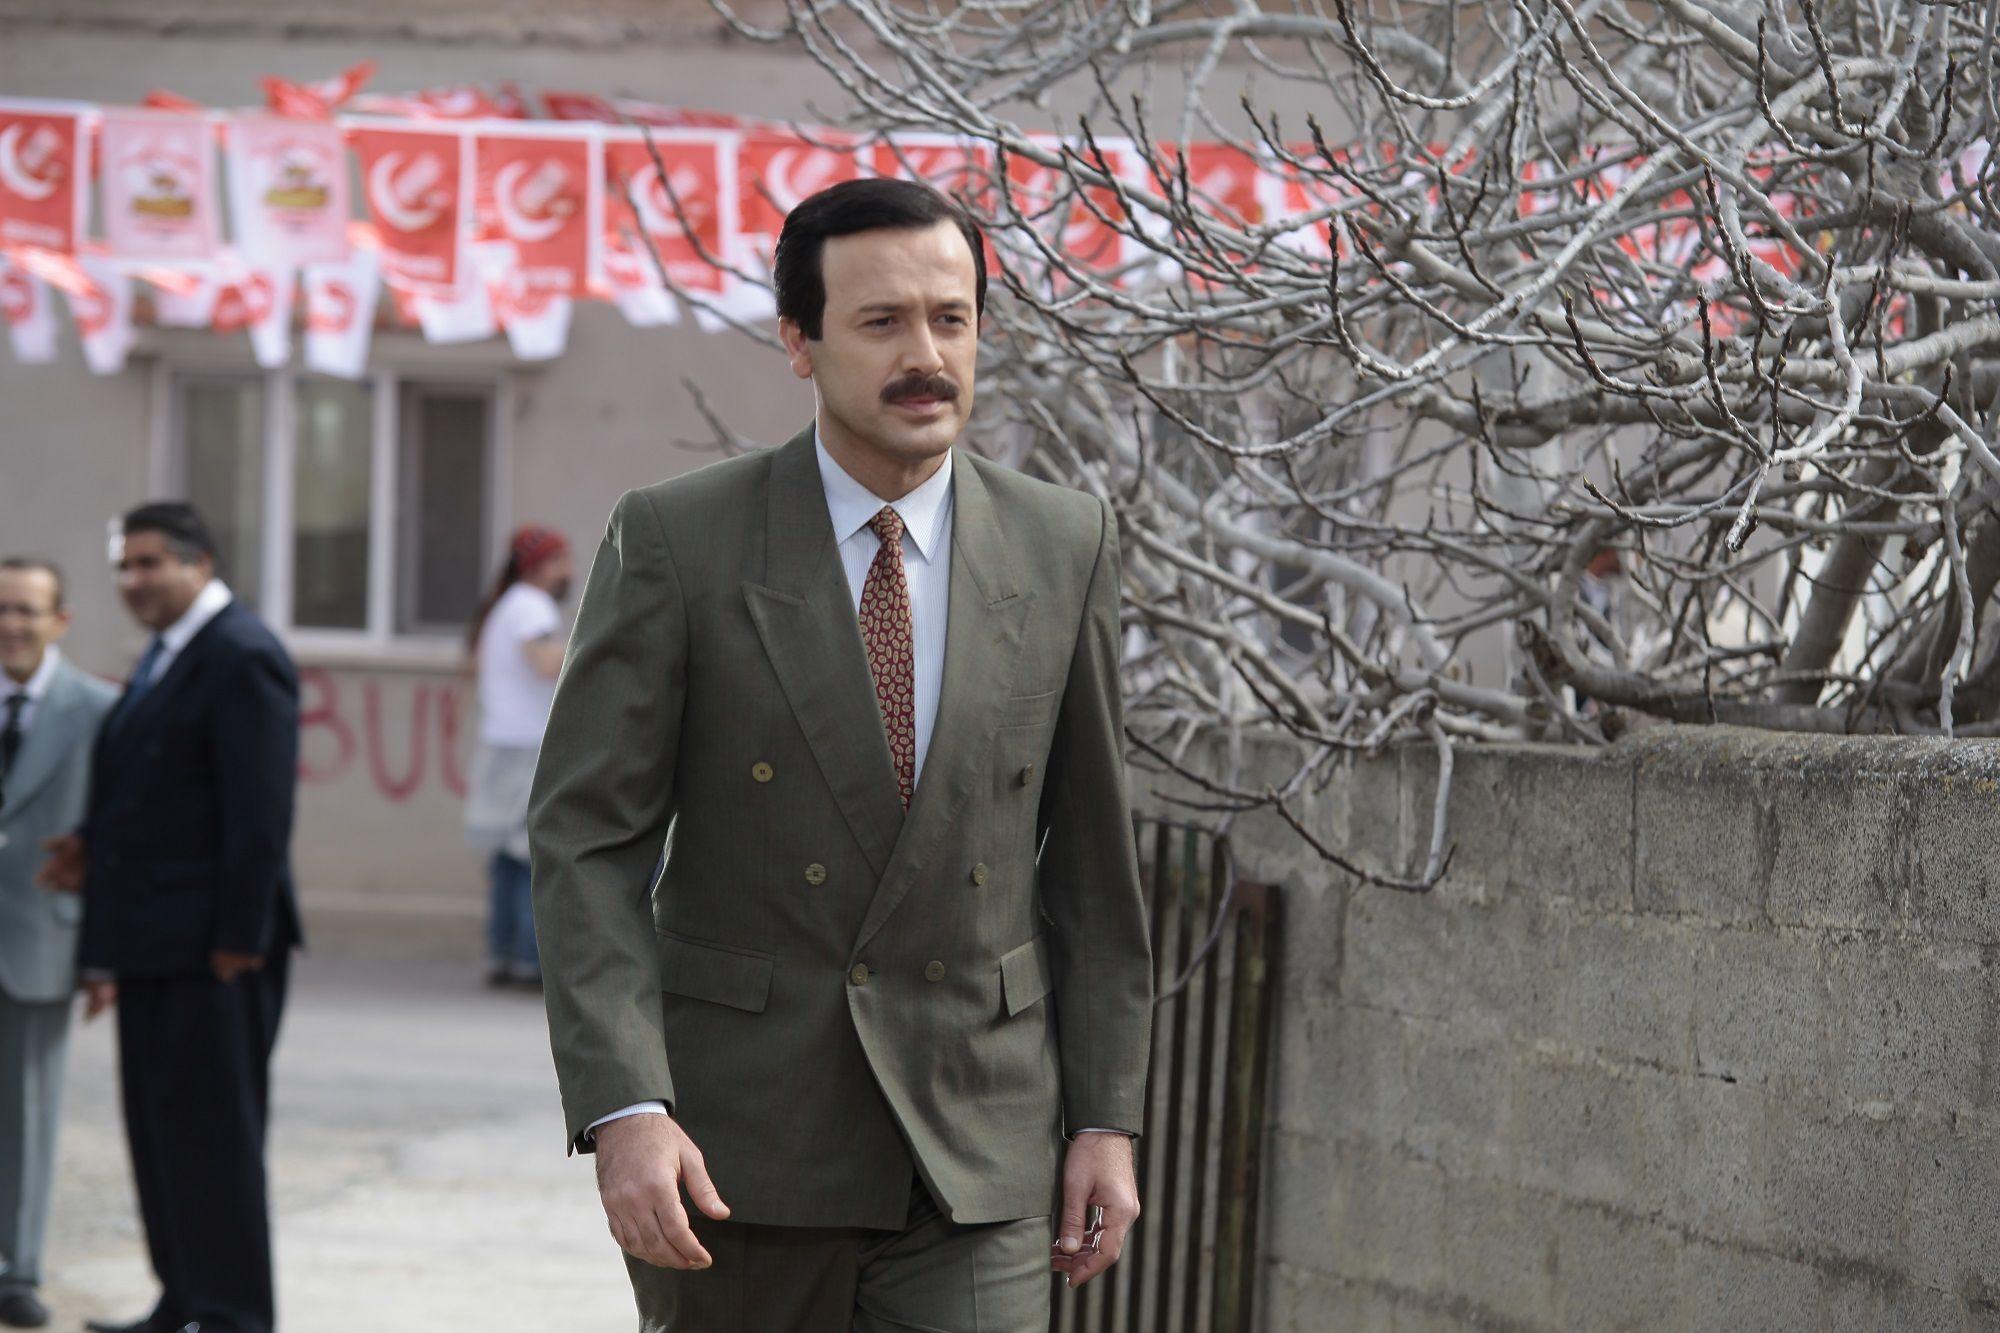 Erdoğan'ı canlandıran oyuncu: Kılıçdaroğlu hariç herkesi oynarım